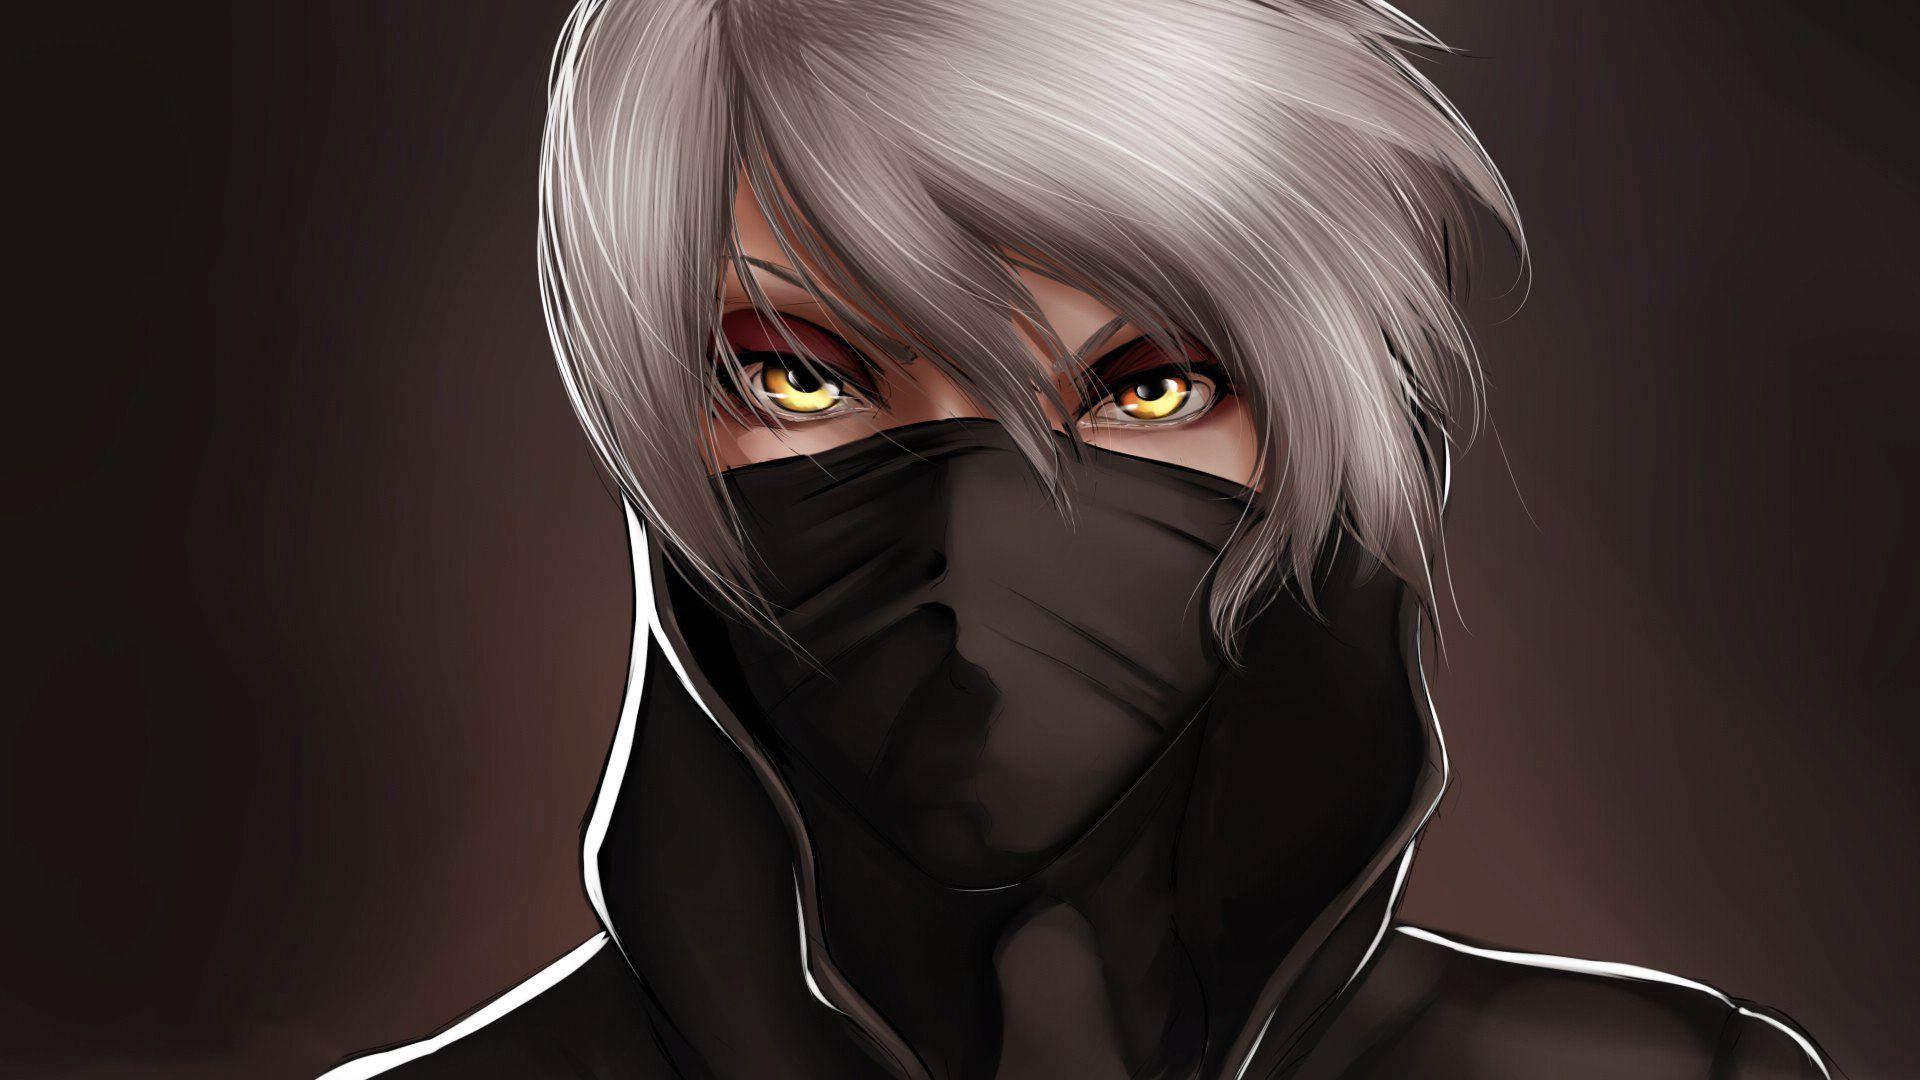 Masked Anime Guy